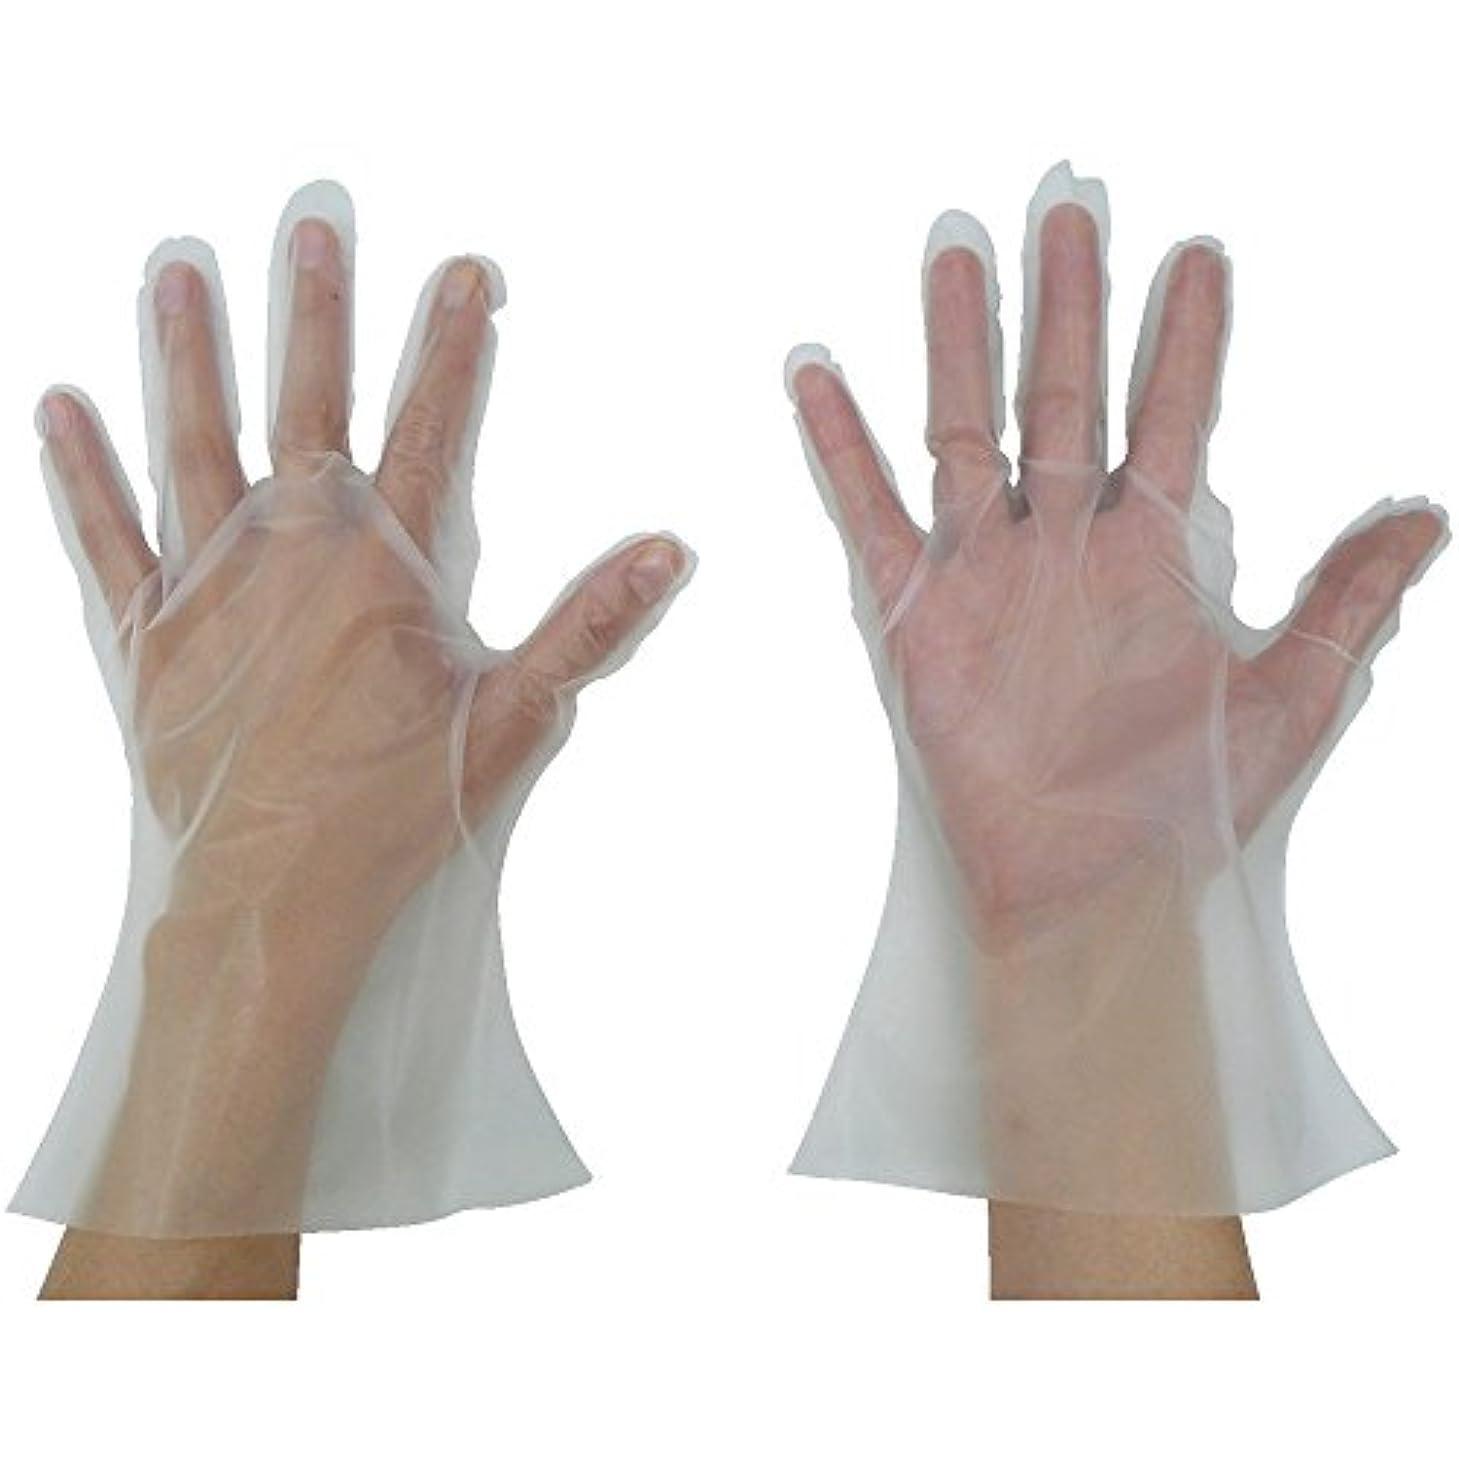 パケット失礼な伝染性東京パック 緊急災害対策用手袋ニューマイジャスト簡易50M 半透明 KN-M ポリエチレン使い捨て手袋